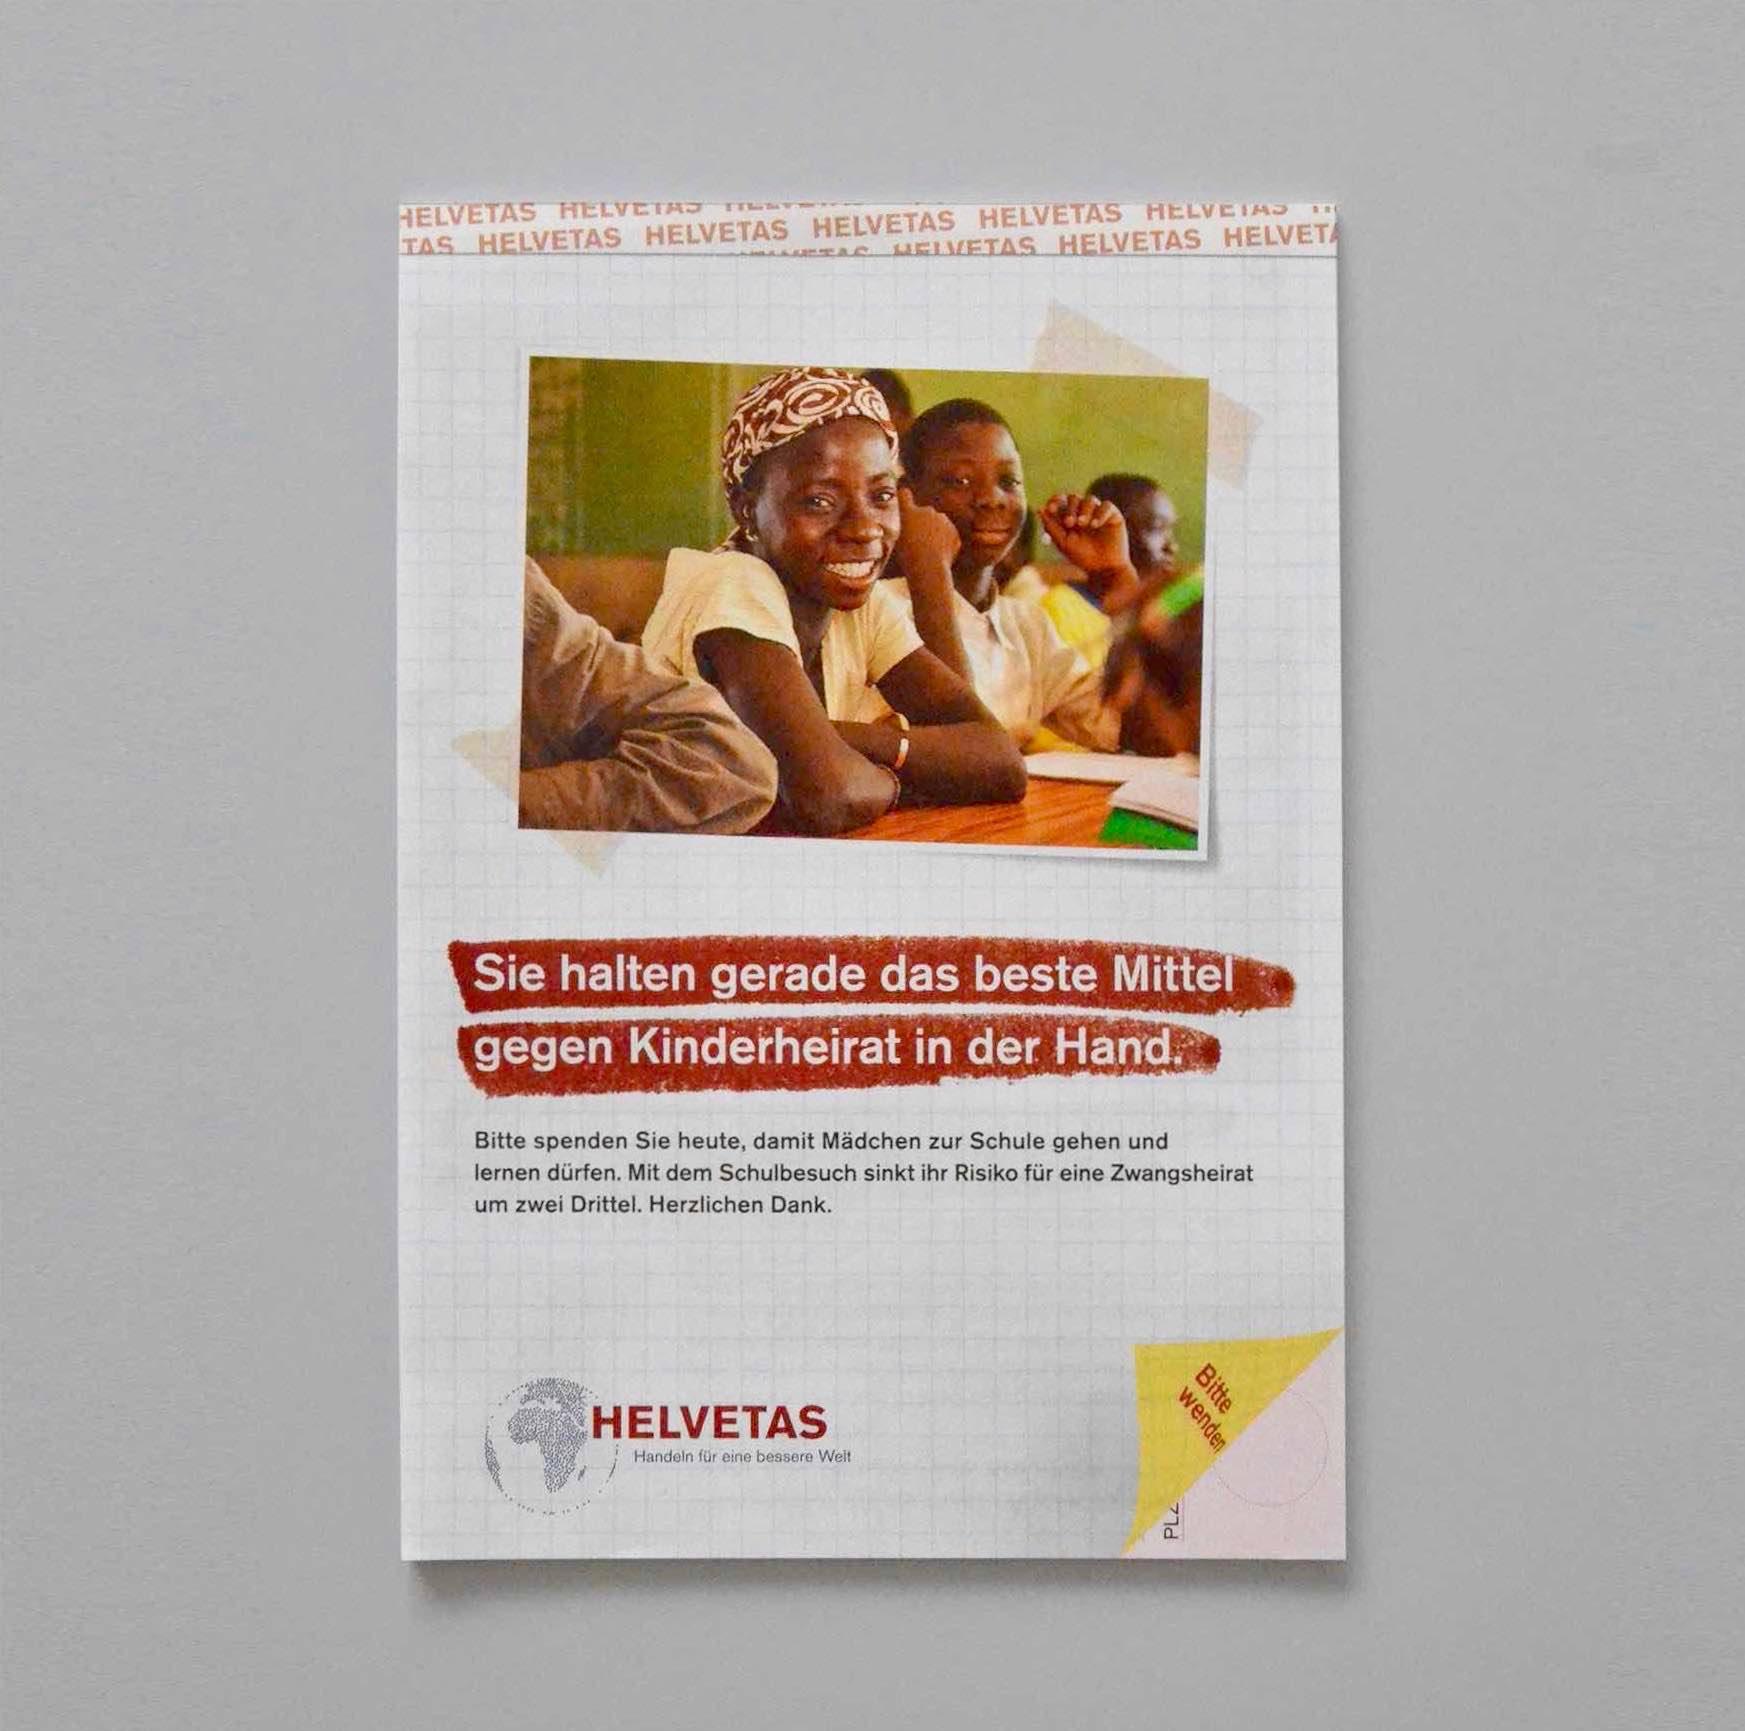 Titelseite Helvetas-Streuwurf zum Thema Zwangsheirat und Mädchenbildung